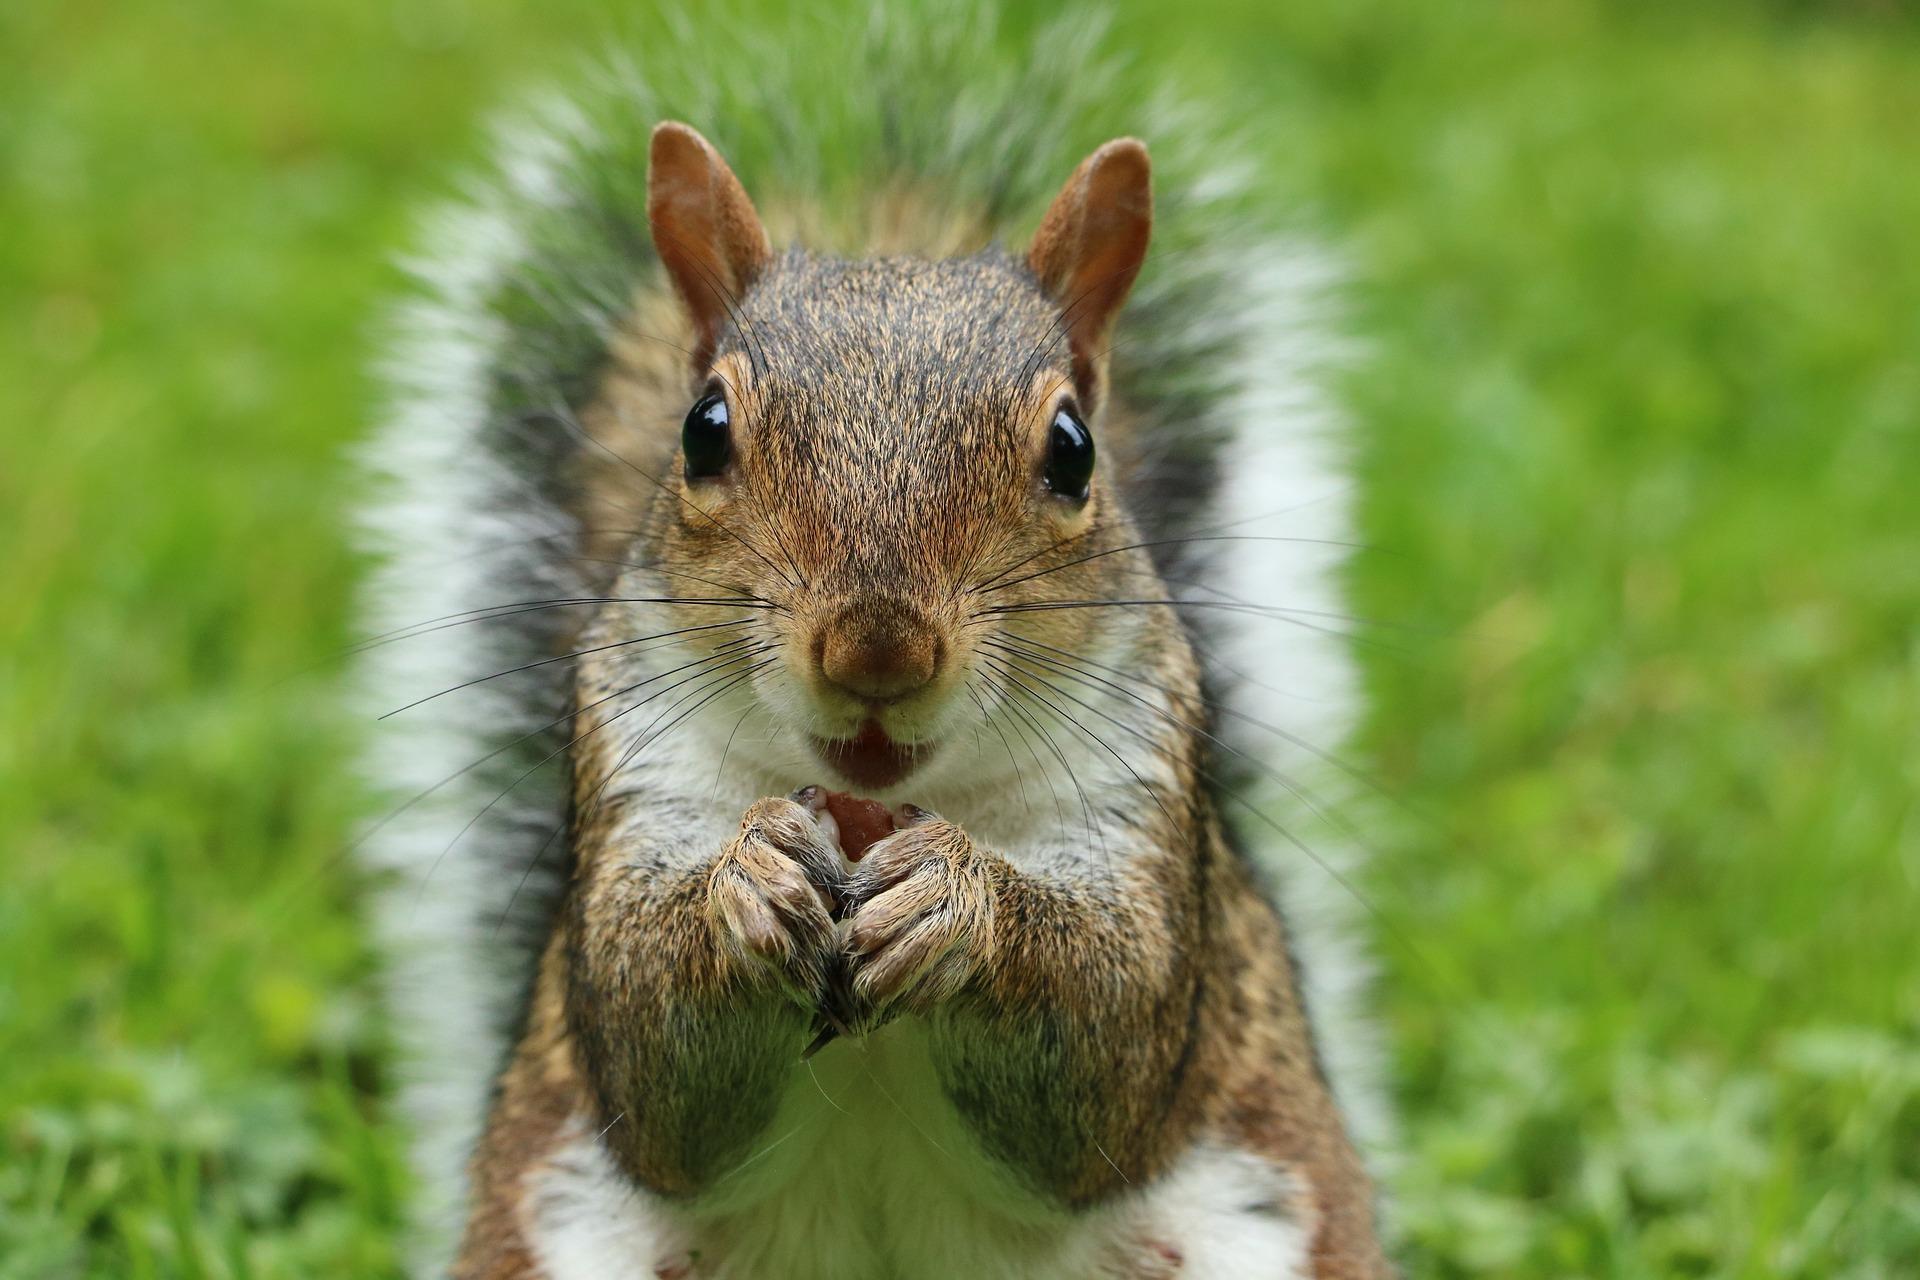 Grauhörnchen - gray squirrel